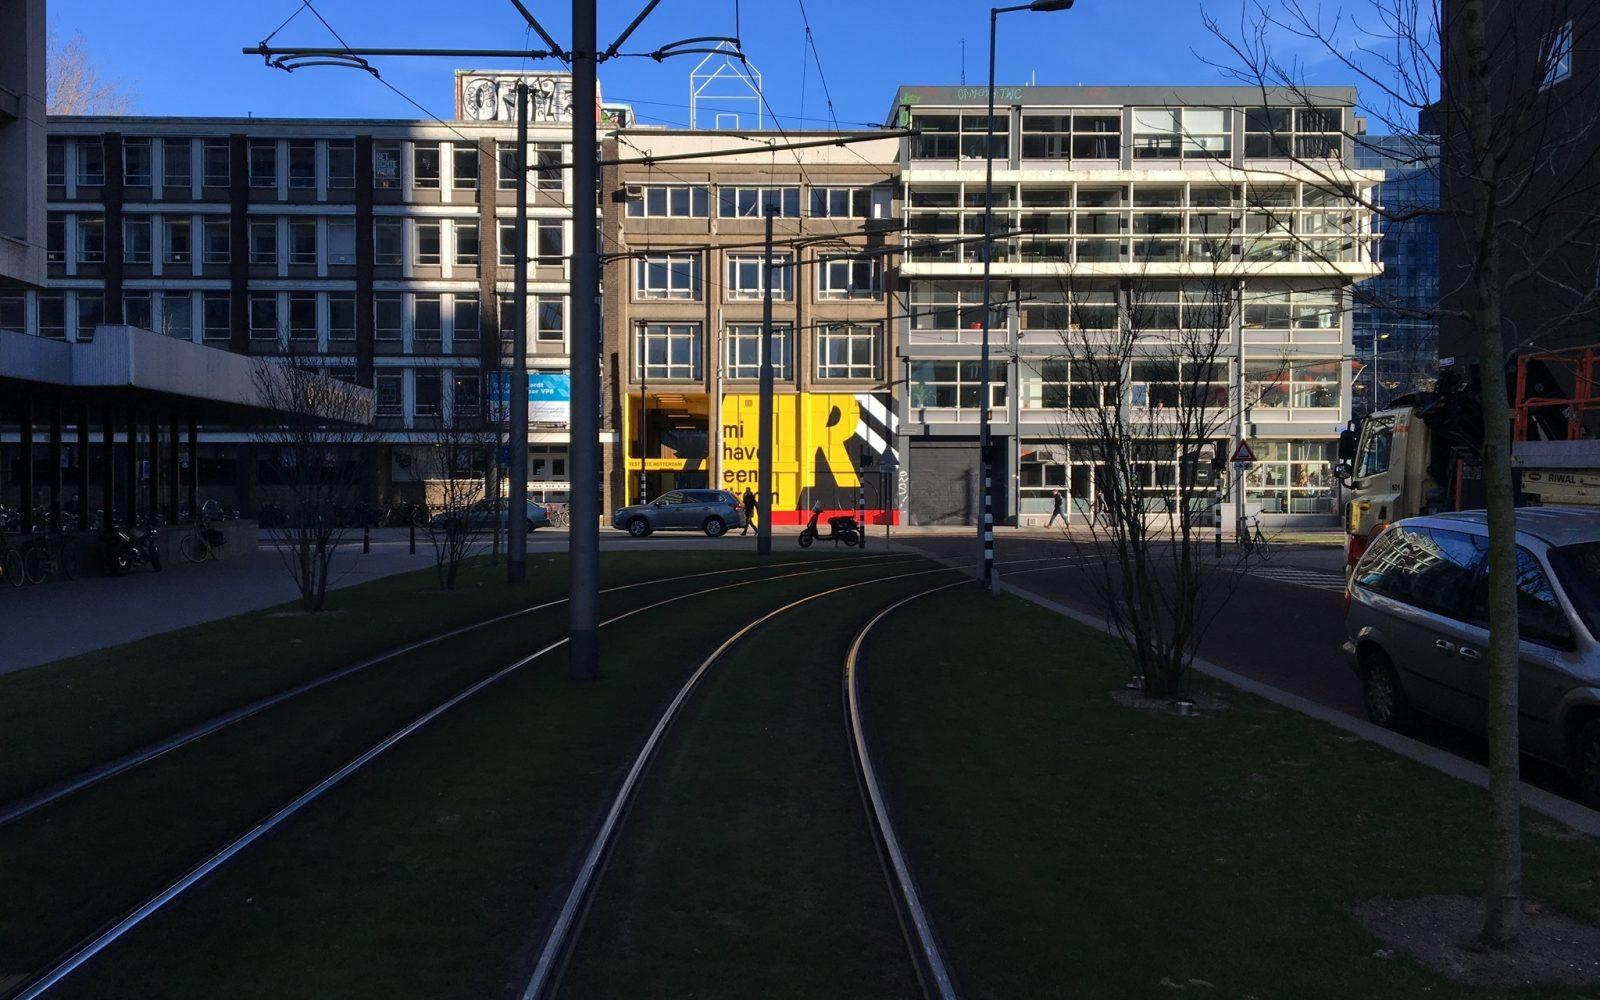 Programma Publiek College Rotterdam Central District